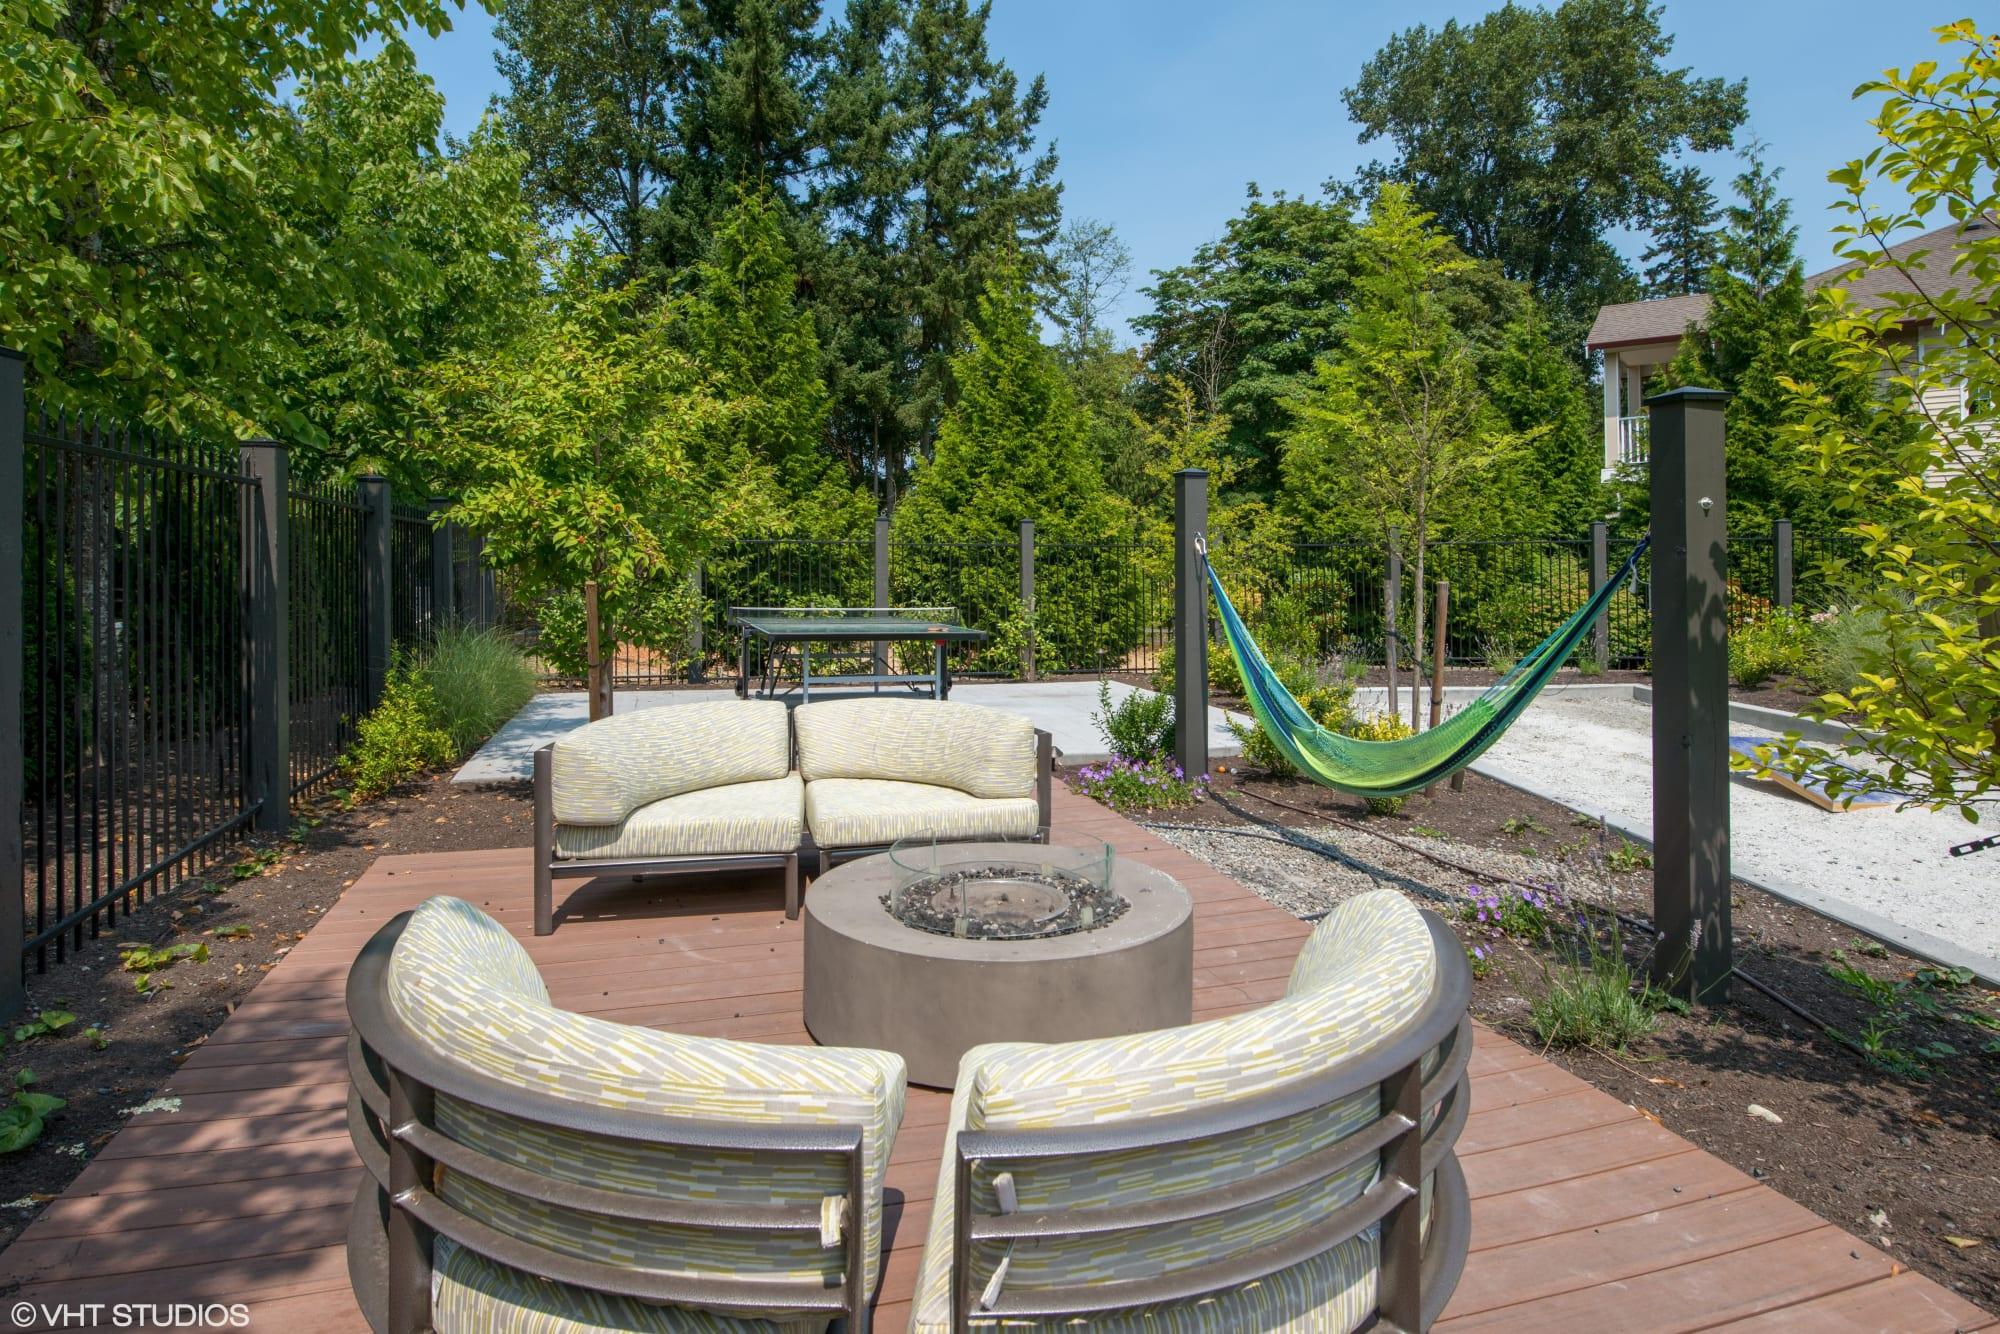 An outdoor lounge at Brookside Village in Auburn, Washington